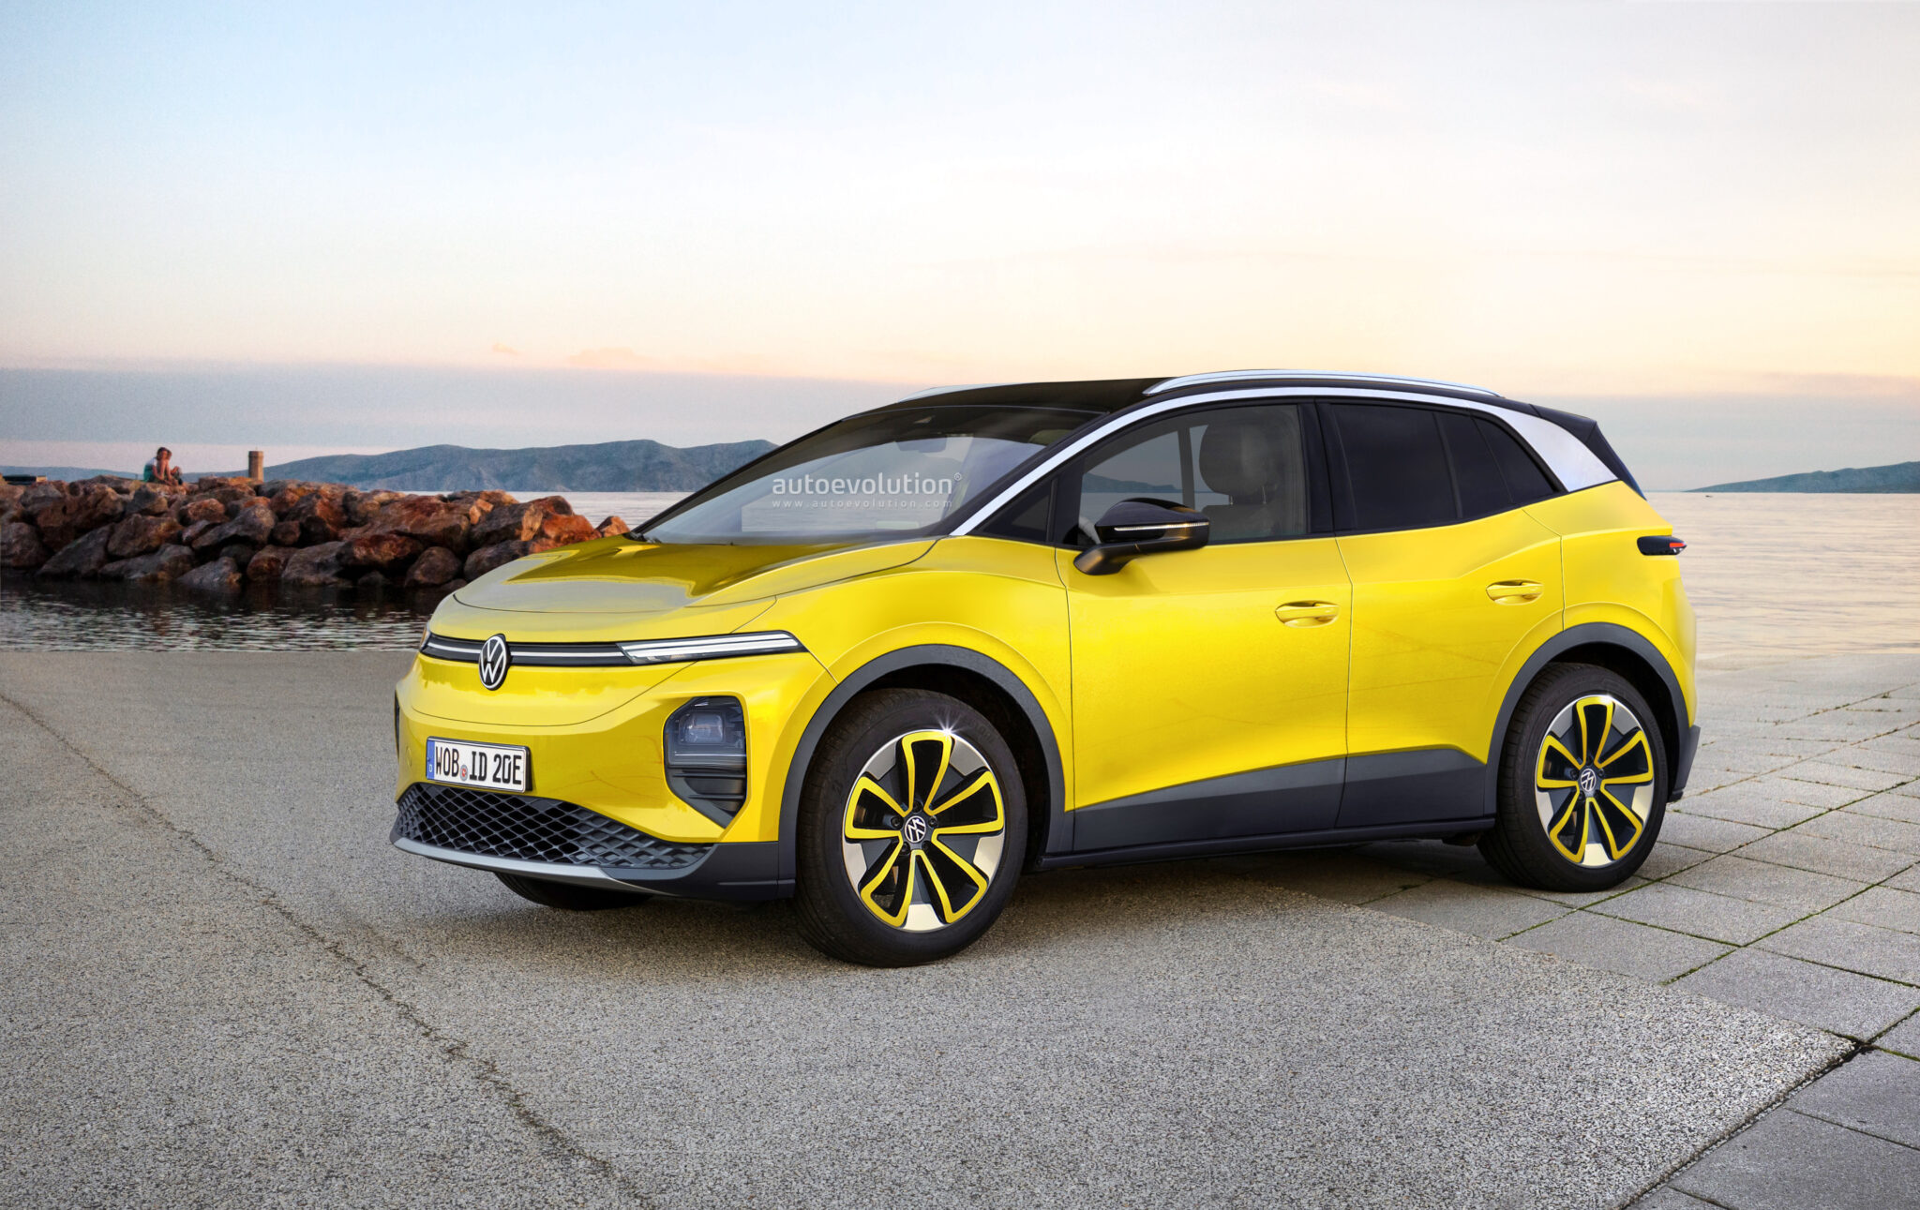 Autoevolution: Бренд Volkswagen выпустит два новых электрических кроссовера до 2025 года